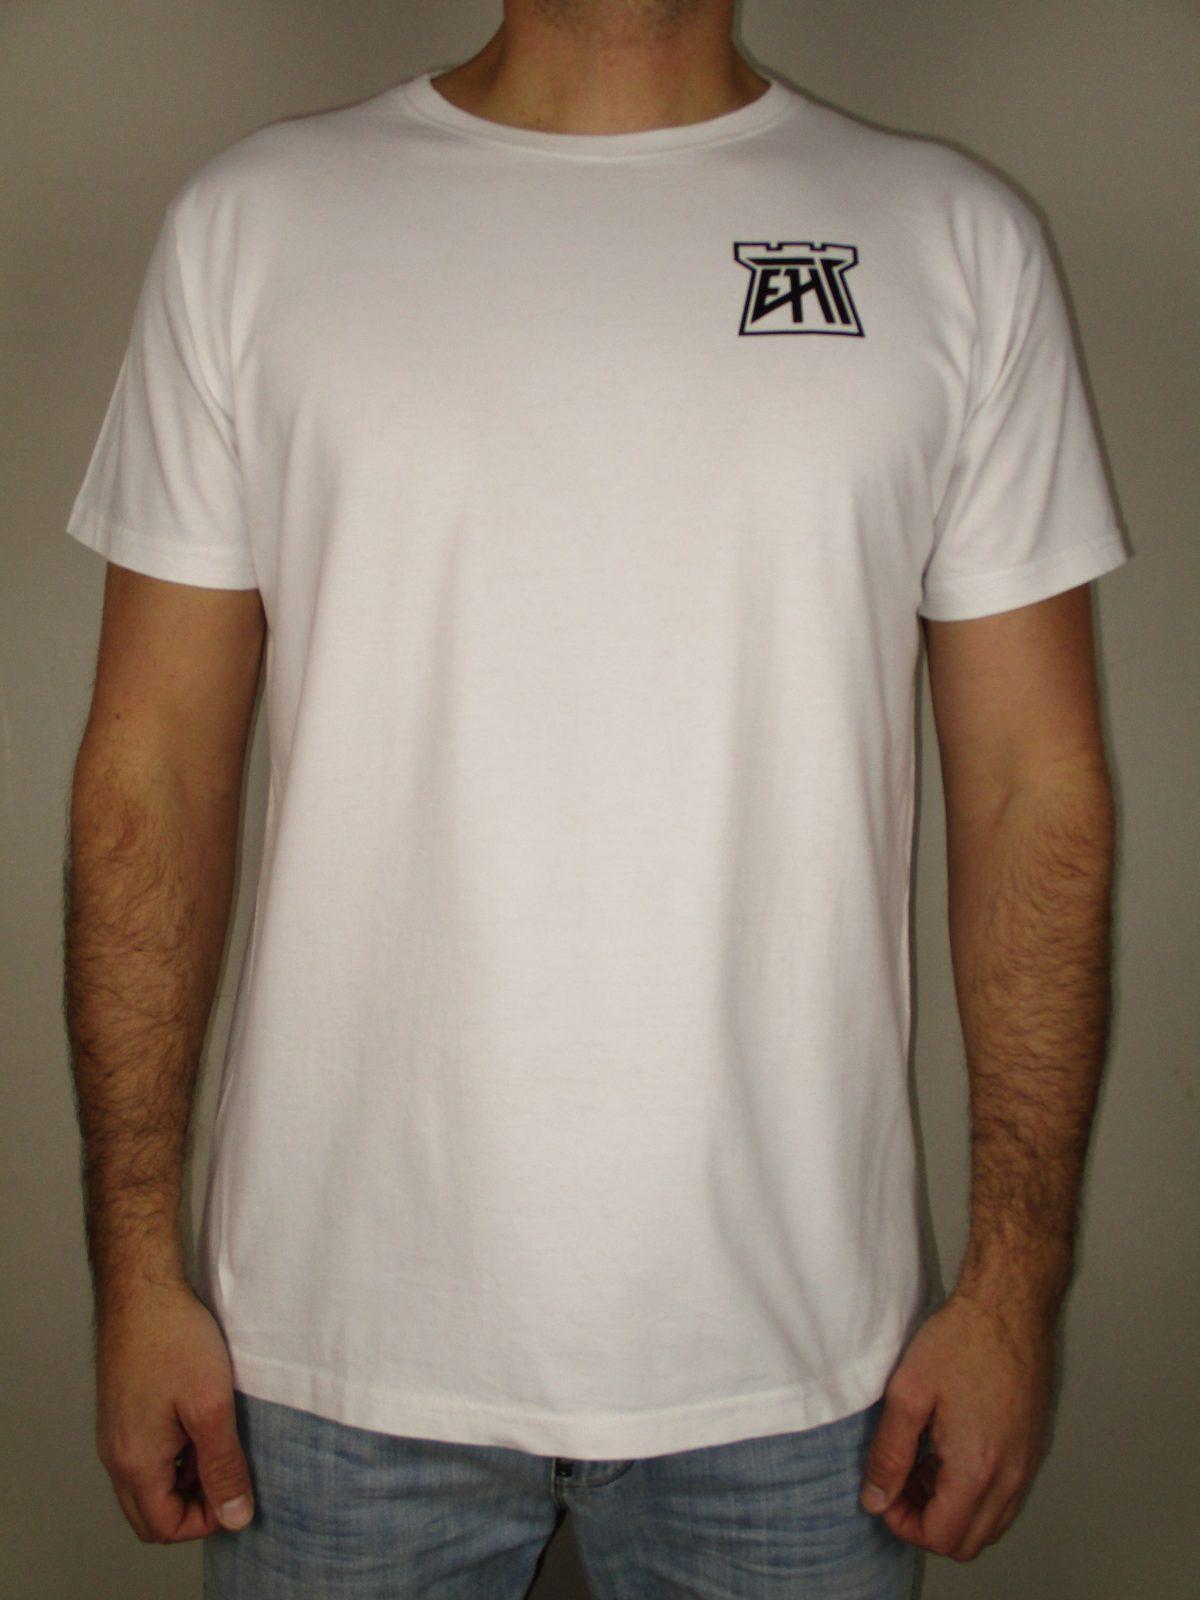 EHT Camiseta original calidad